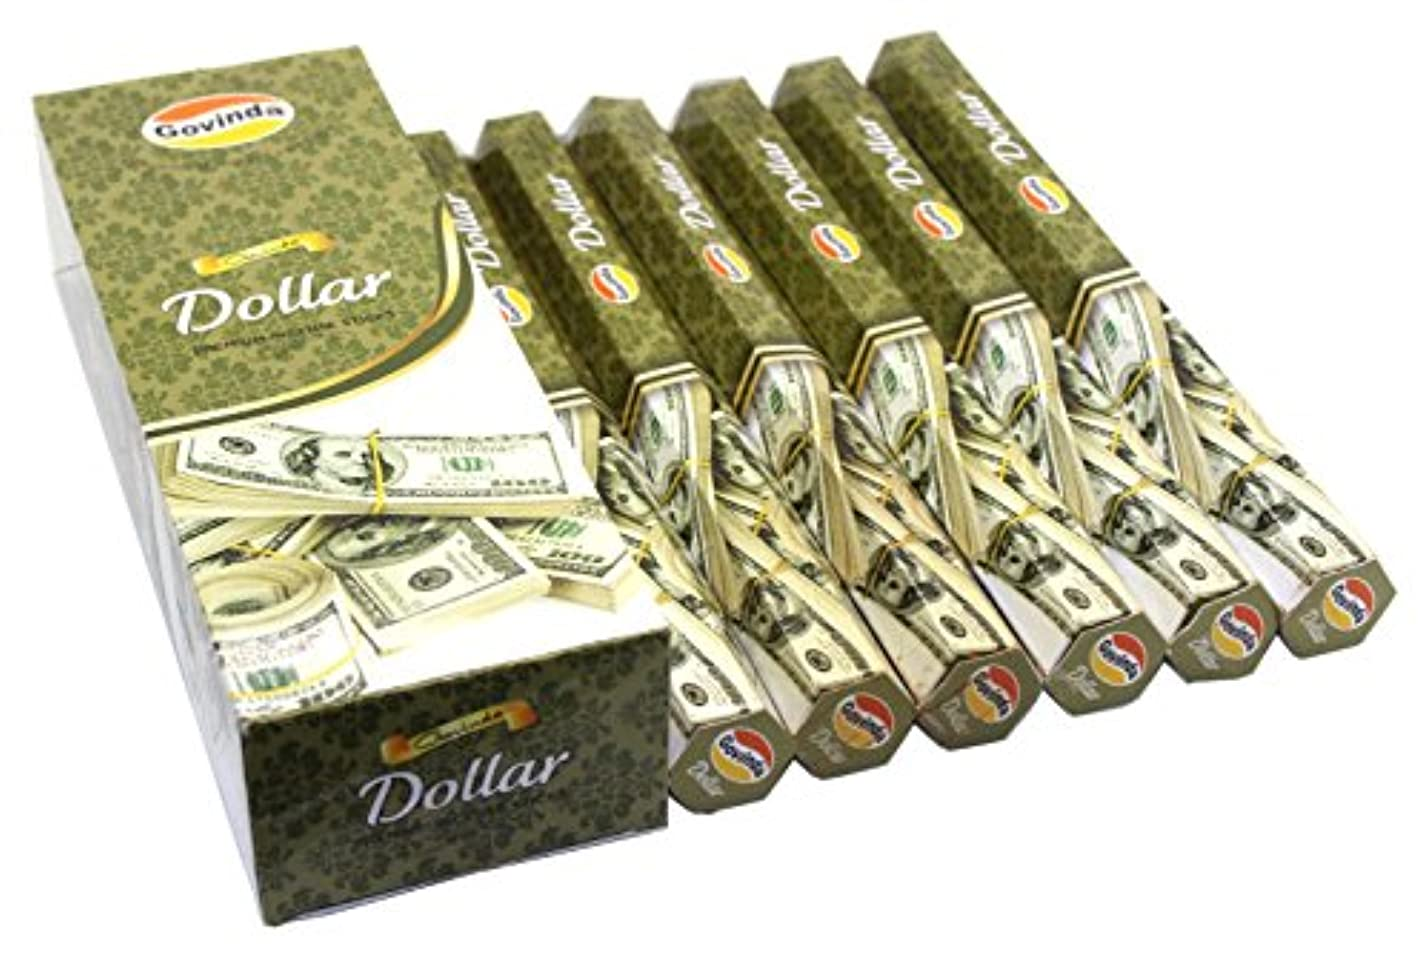 褒賞サイバースペース前者Govinda Incense – Dollar – 120 Incense Sticks、プレミアムIncense